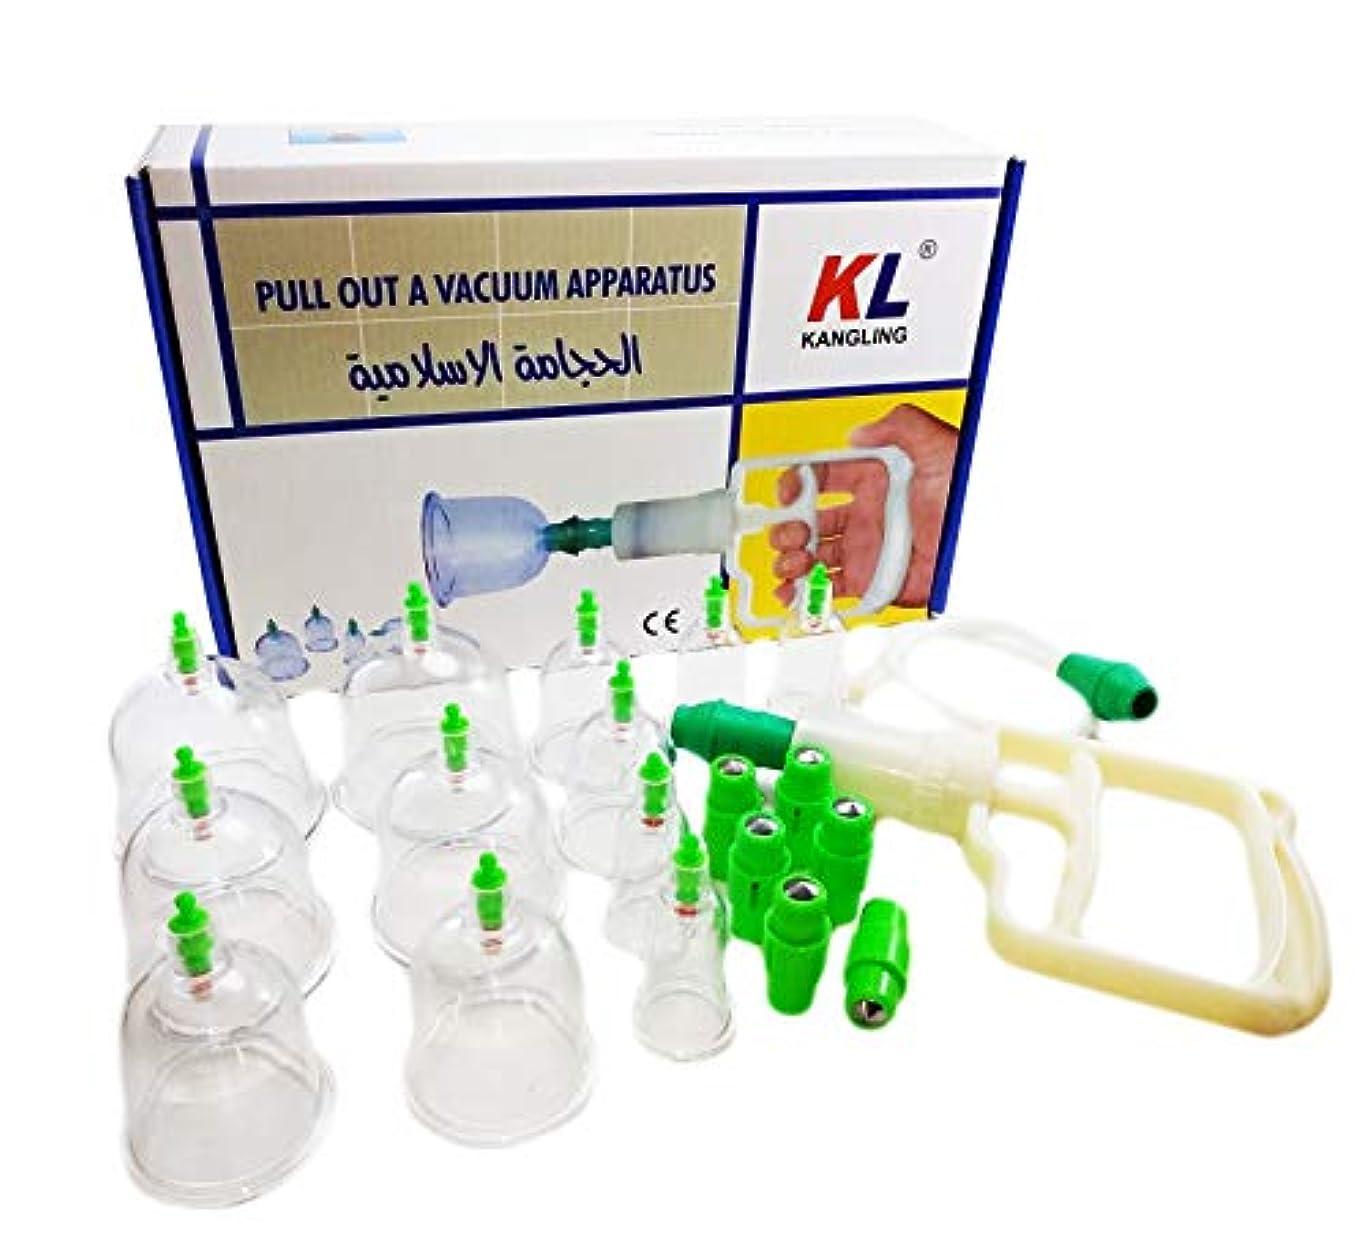 株式会社下るワゴン12 Cups Therapy Sets With Pump Vacuum, Pipe & Magnetic Acupunture Multifunctional Vacuum Cupping Body Massager...